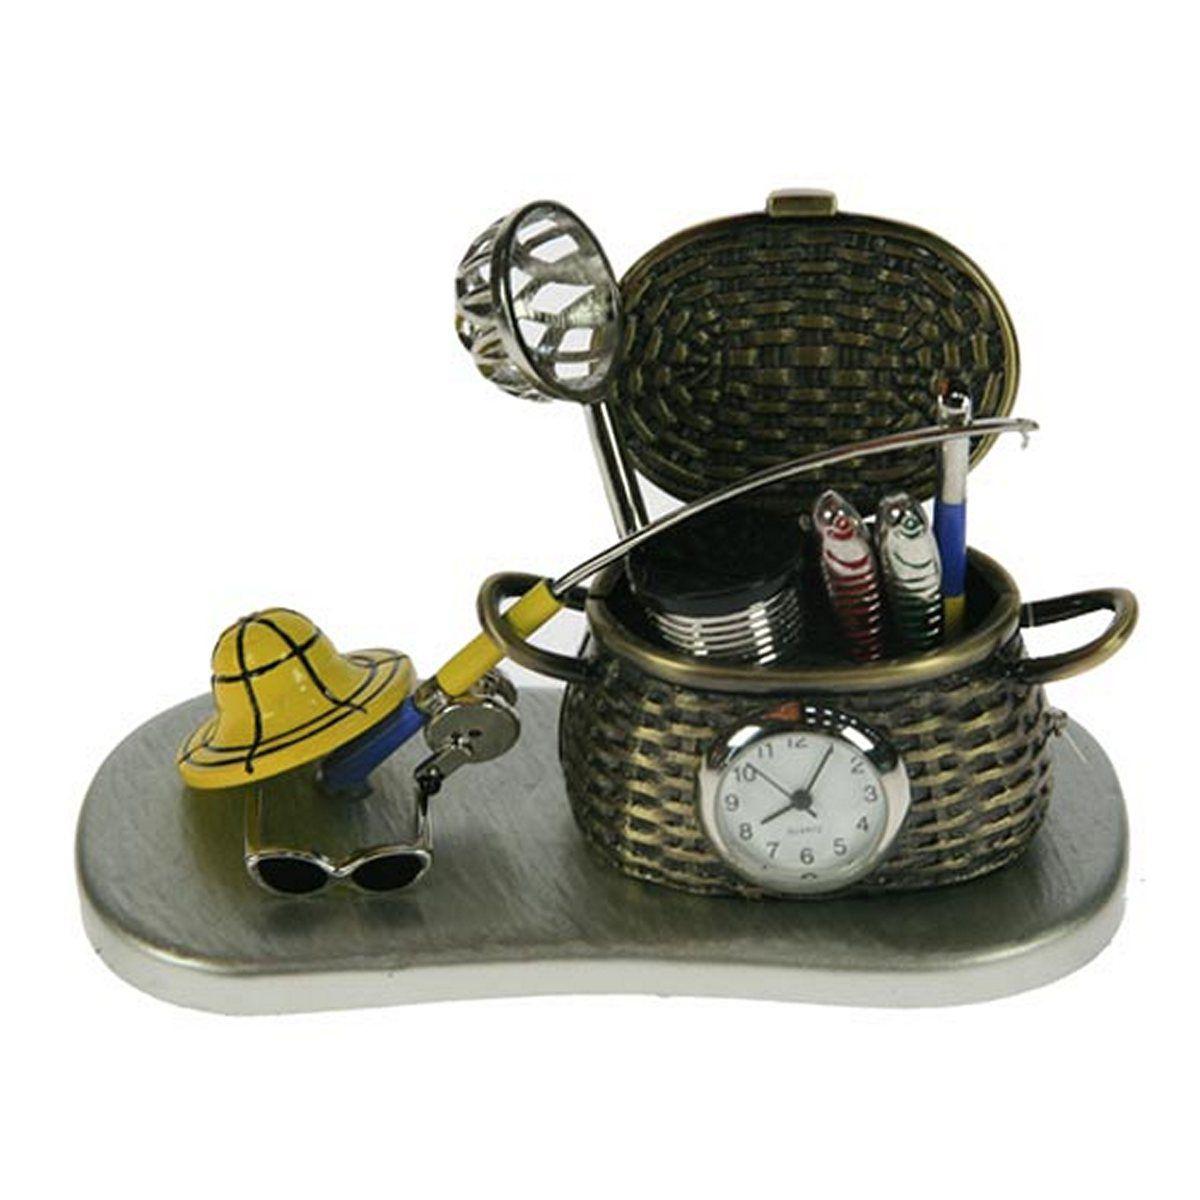 Часы настольные Русские Подарки Рыбалка, 11 х 6 х 7 см. 2240697495Настольные кварцевые часы Русские Подарки Рыбалка изготовлены из металла. Изделие оригинально оформлено в виде рыболовных принадлежностей. Часы имеют три стрелки - часовую, минутную и секундную.Такие часы украсят интерьер дома или рабочий стол в офисе. Также часы могут стать уникальным, полезным подарком для родственников, коллег, знакомых и близких.Часы работают от батареек типа SR626 (в комплект не входят).